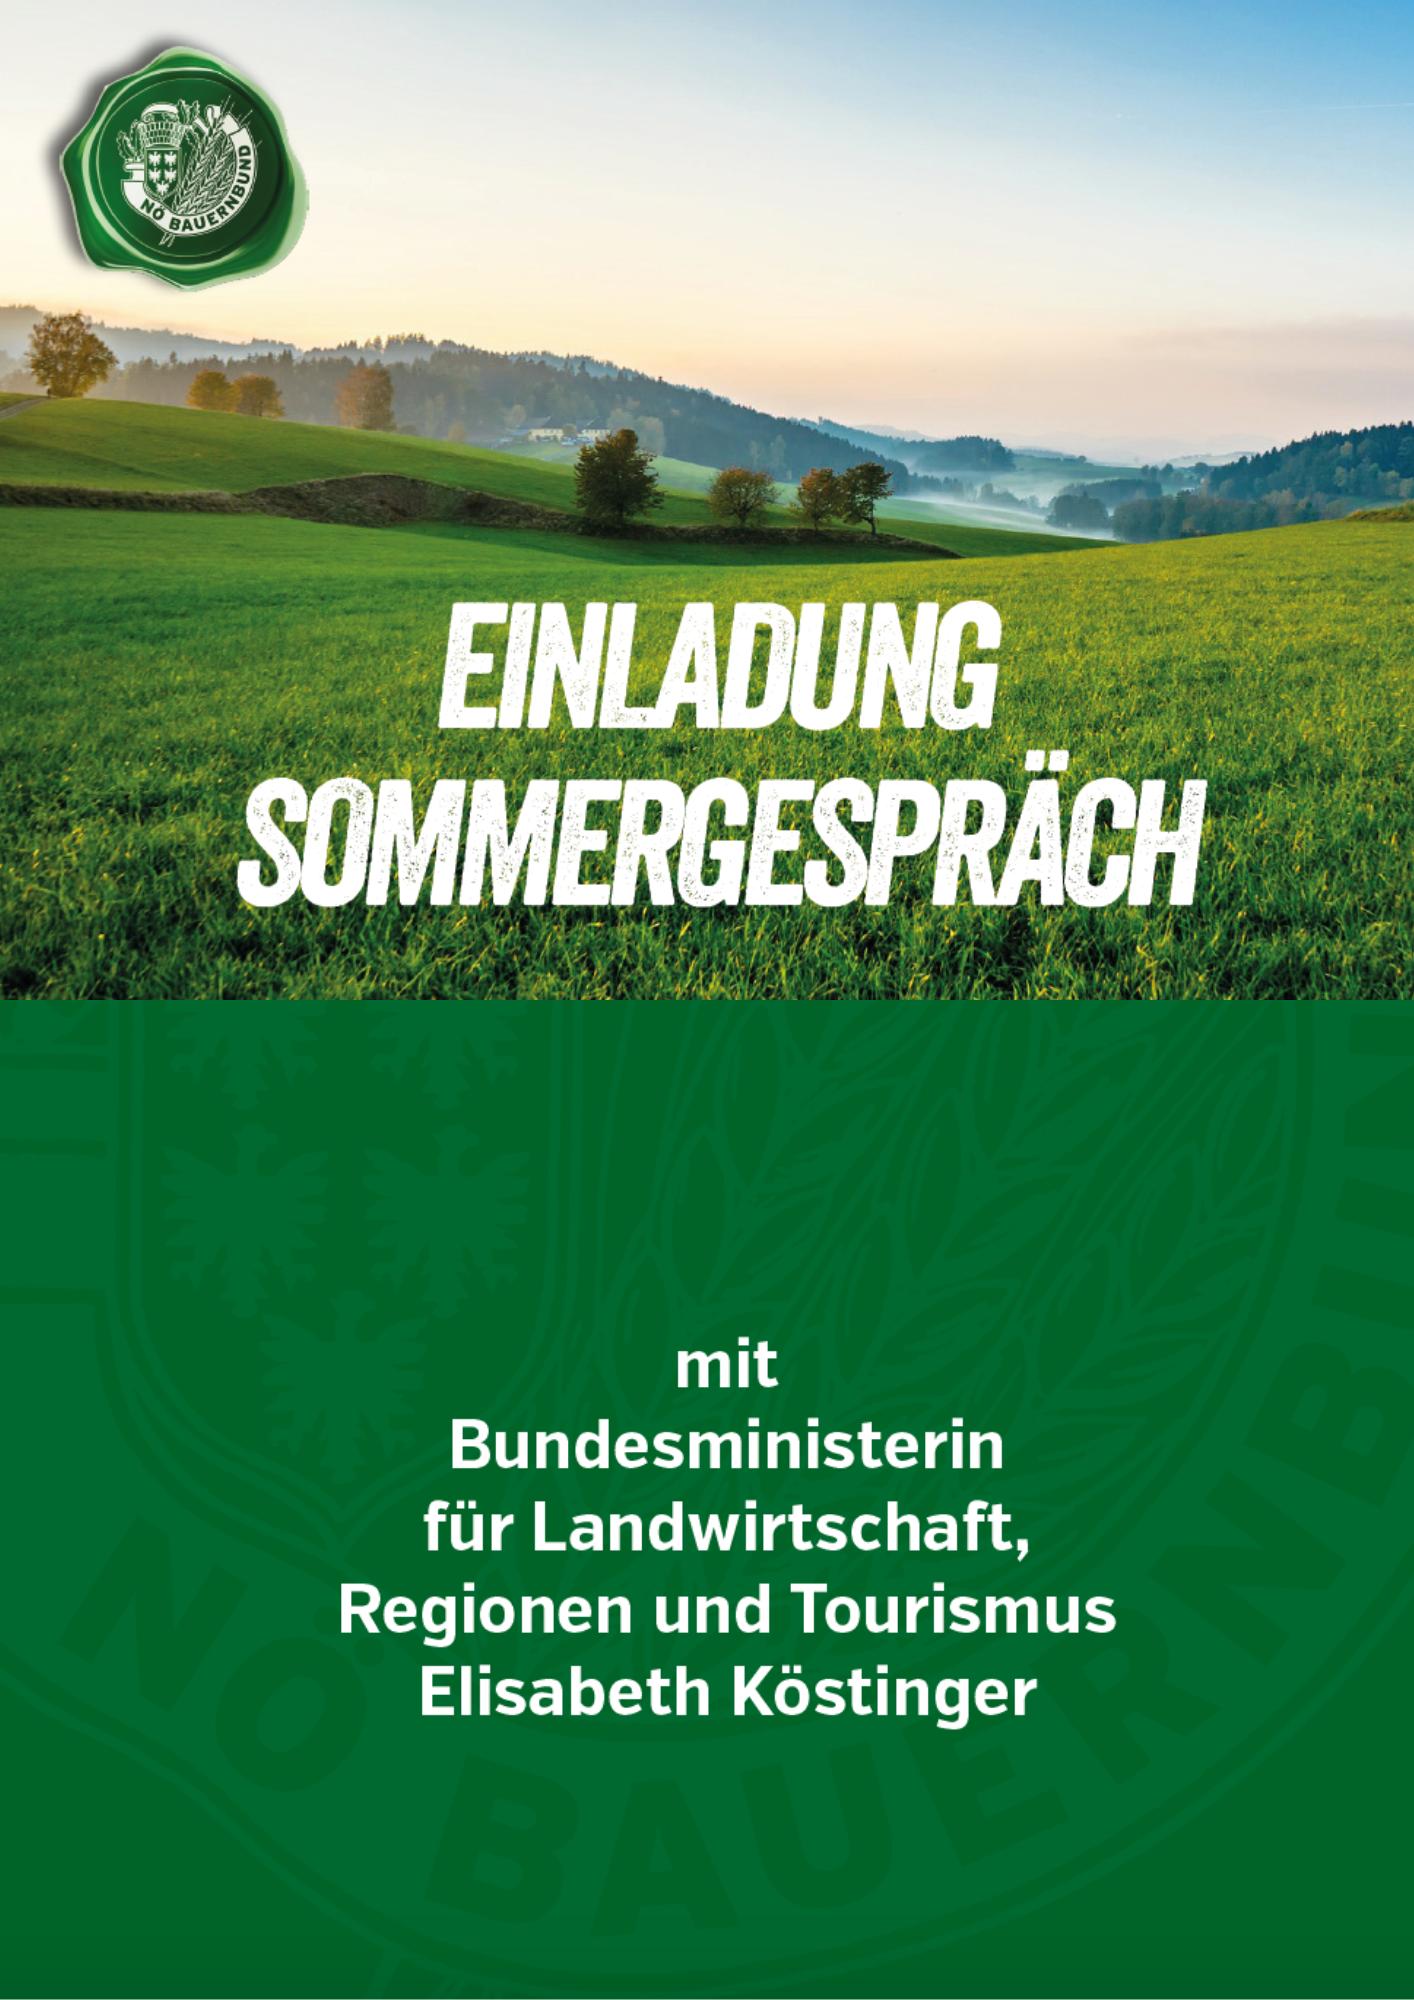 Einladung_Sommergespraech_Koestinger_2021